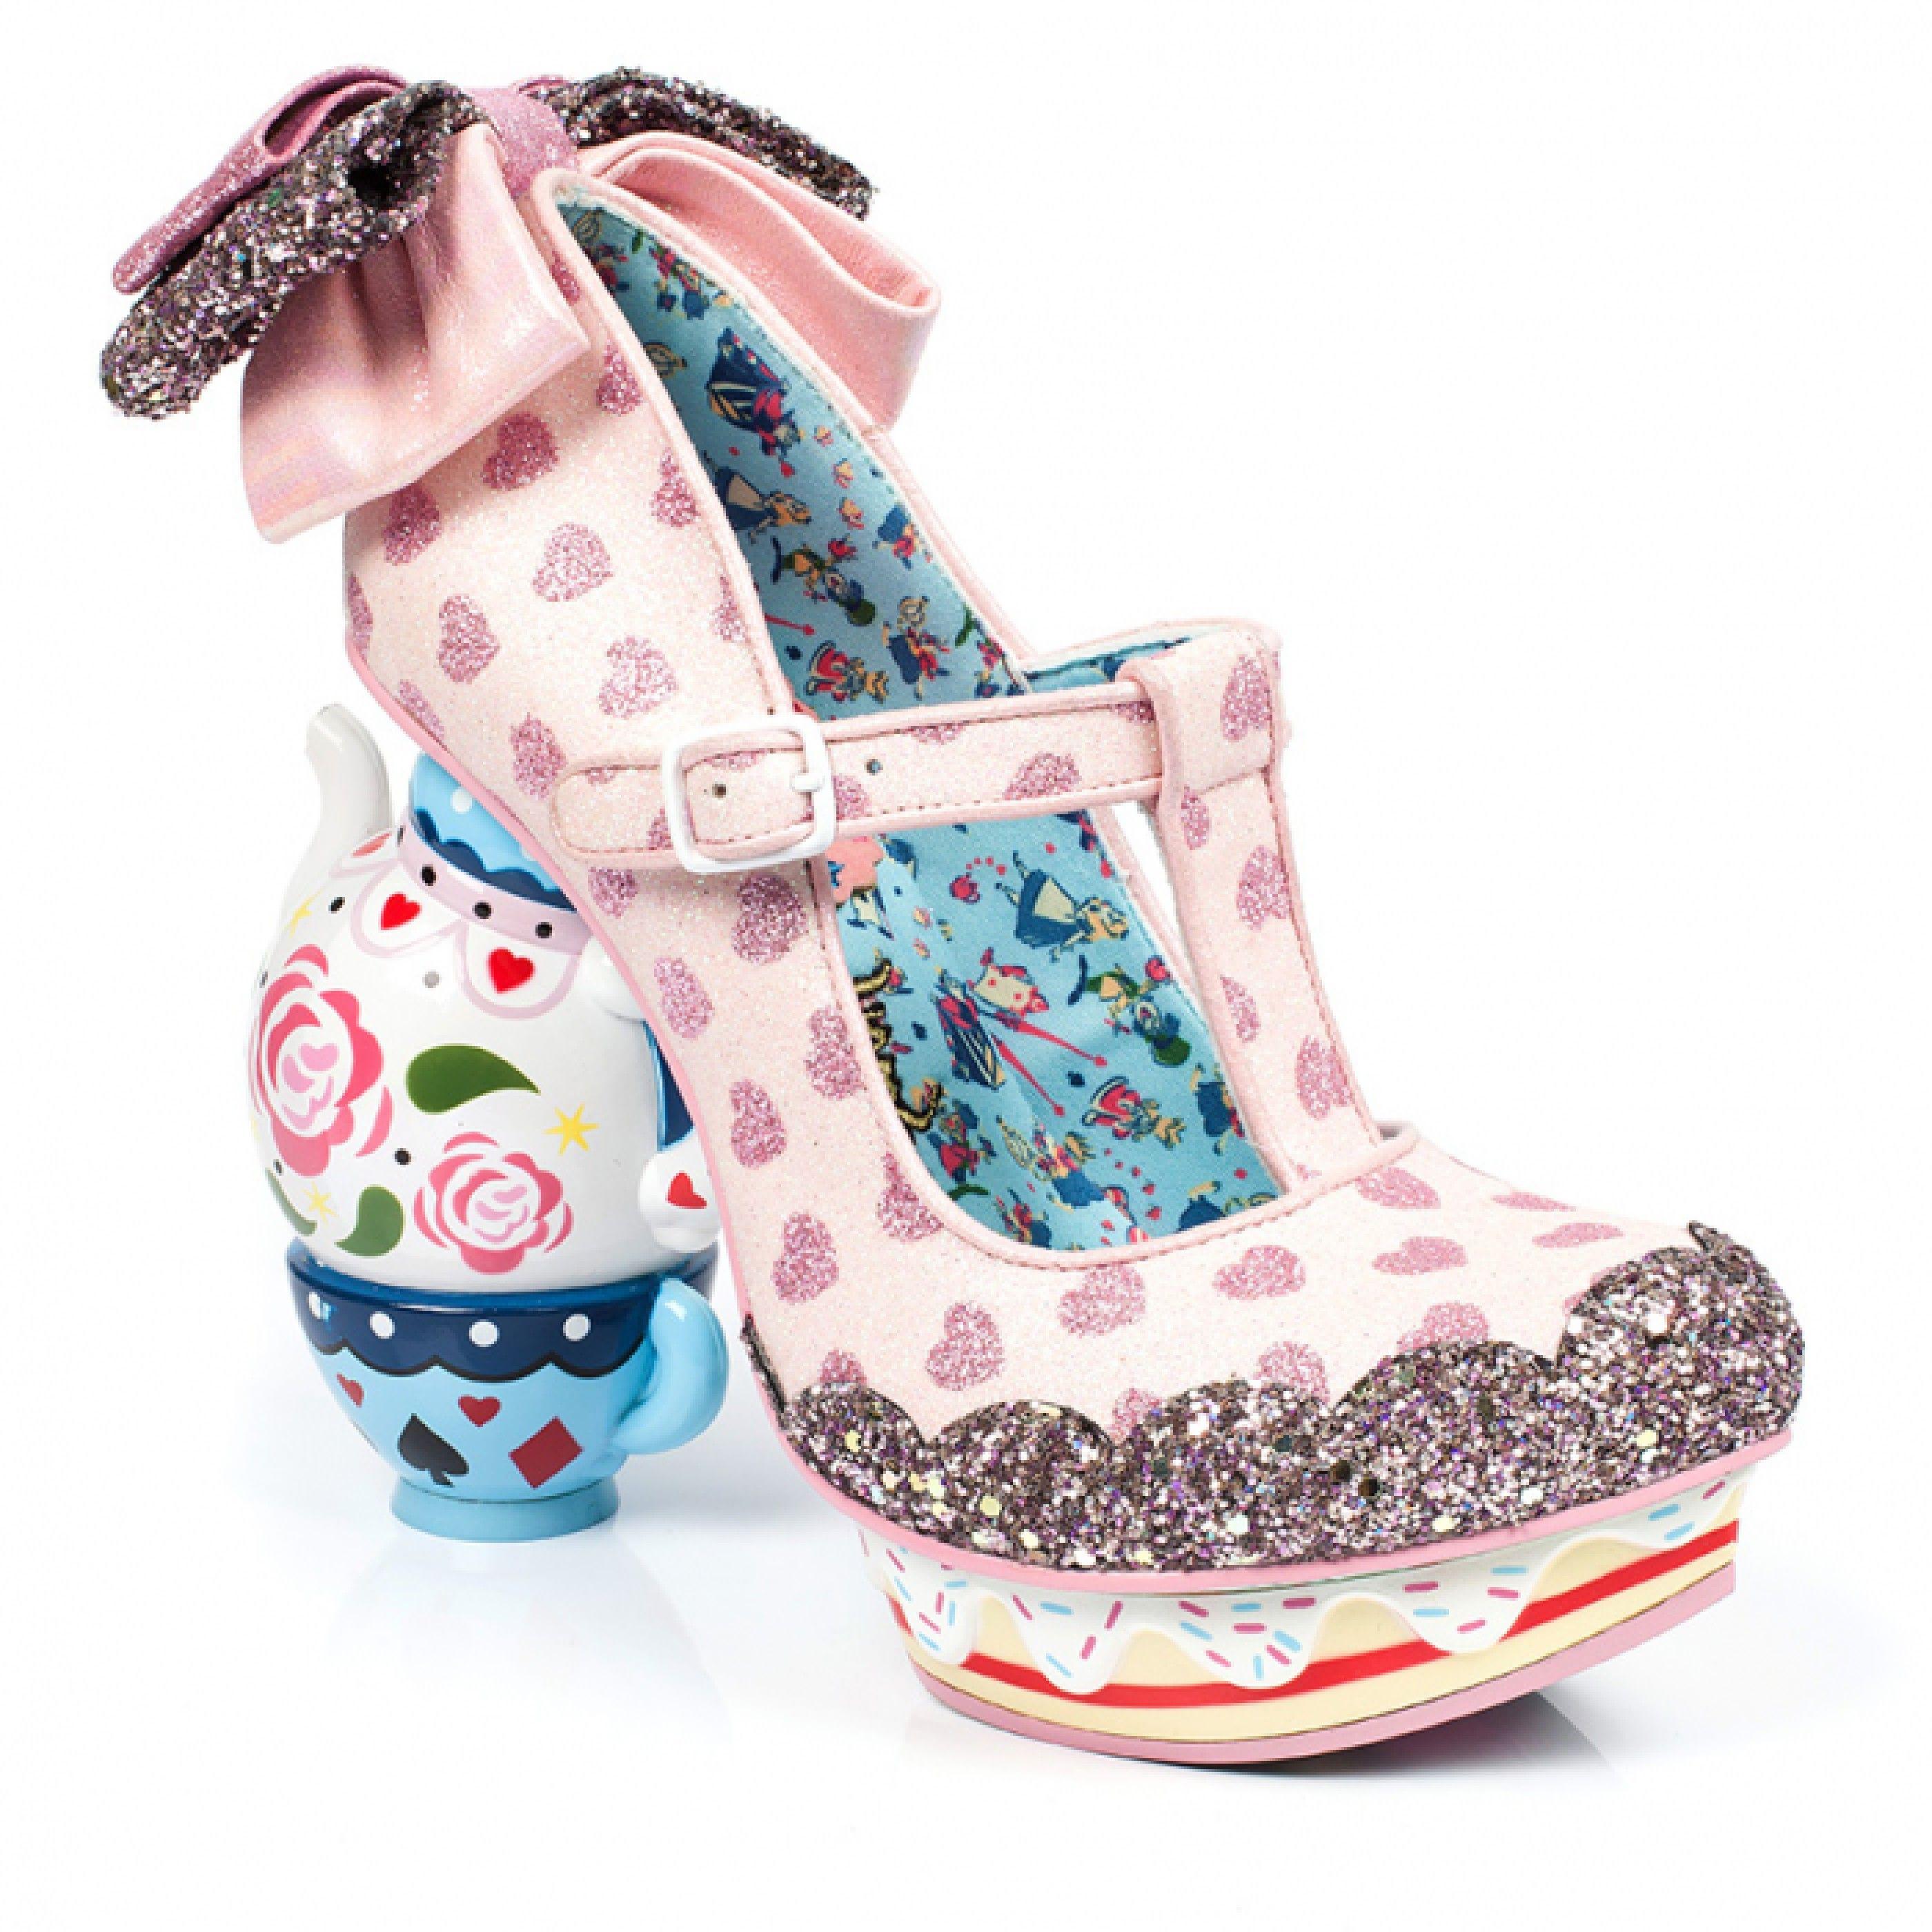 68f9a06d2b0 My Cup of Tea | I Love Shoes | Shoes, Shoe boots, Heels